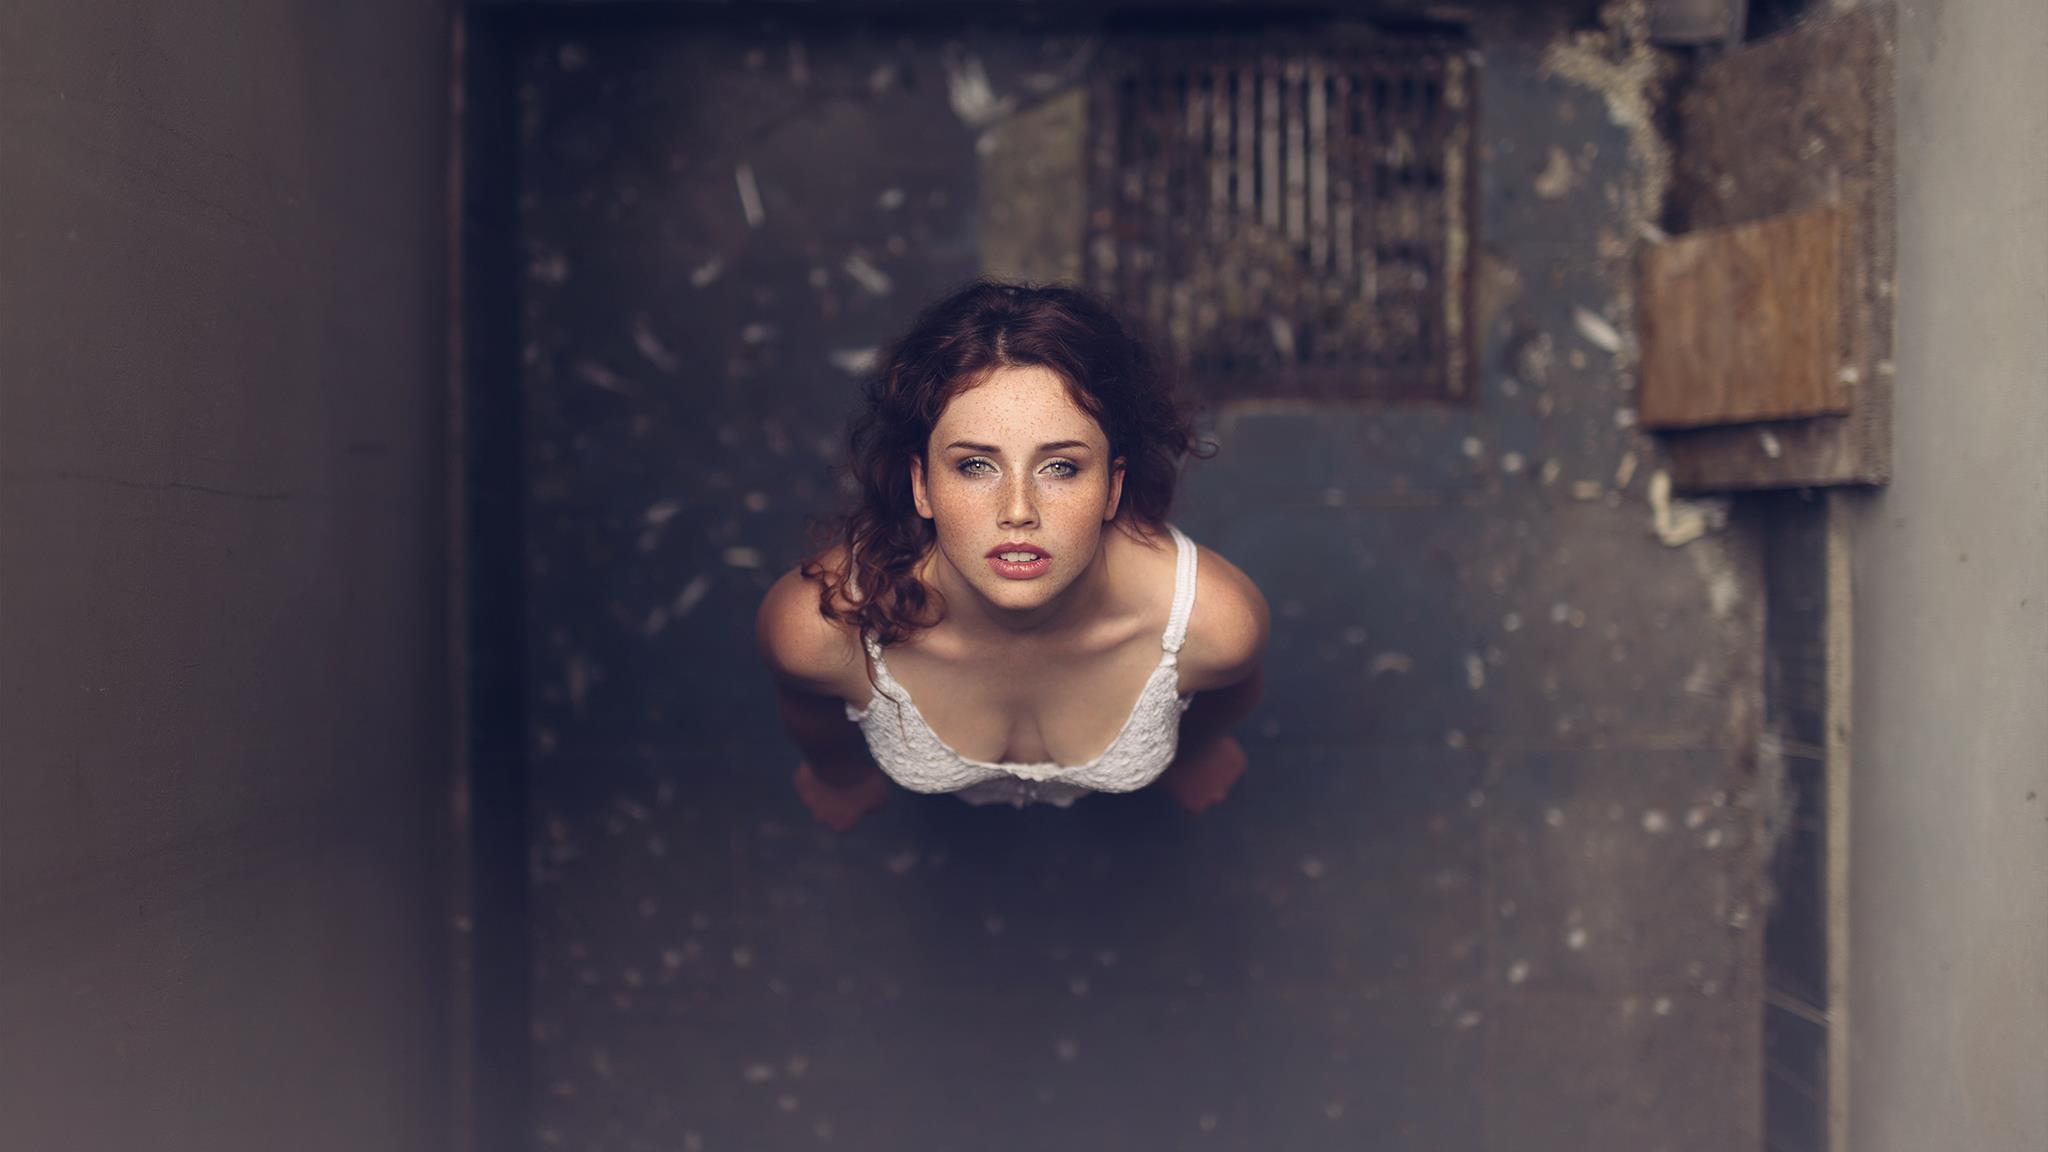 Wallpaper  Face, White, Black, Women, Model, Blue -4114